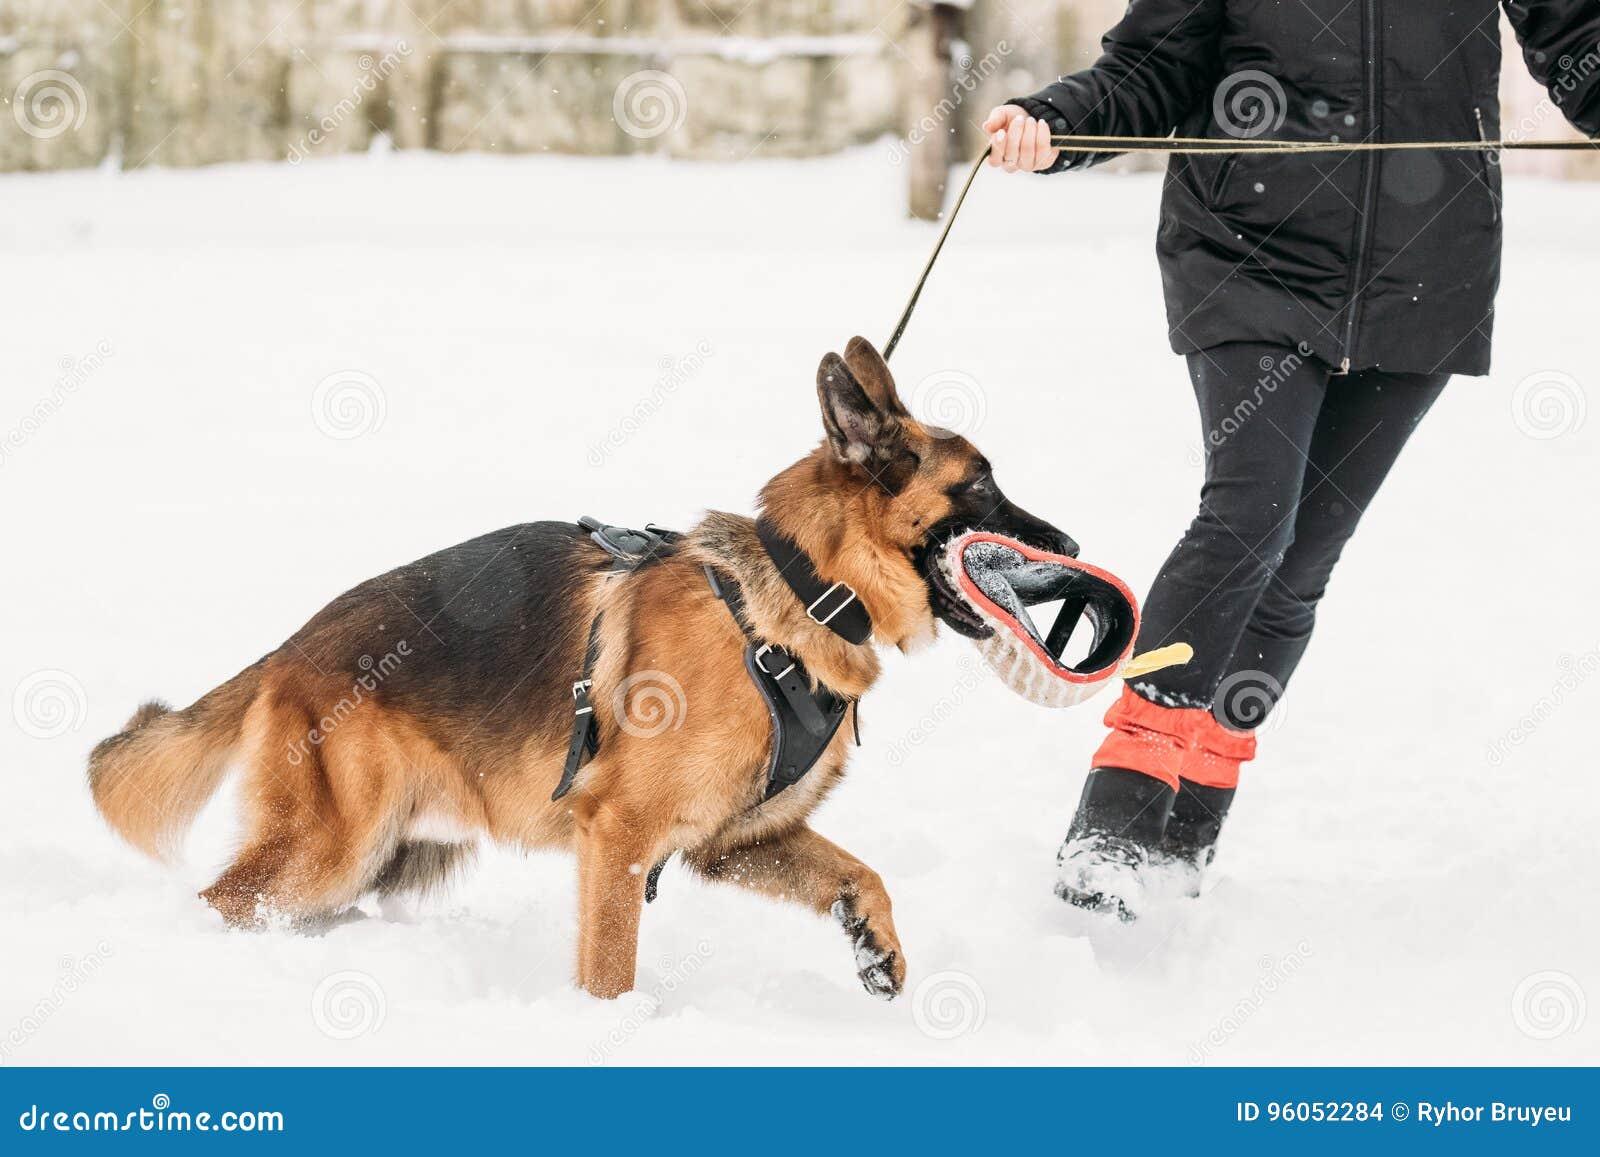 Propriétaire de Dog Walking Near de berger allemand pendant la formation Saison de l hiver